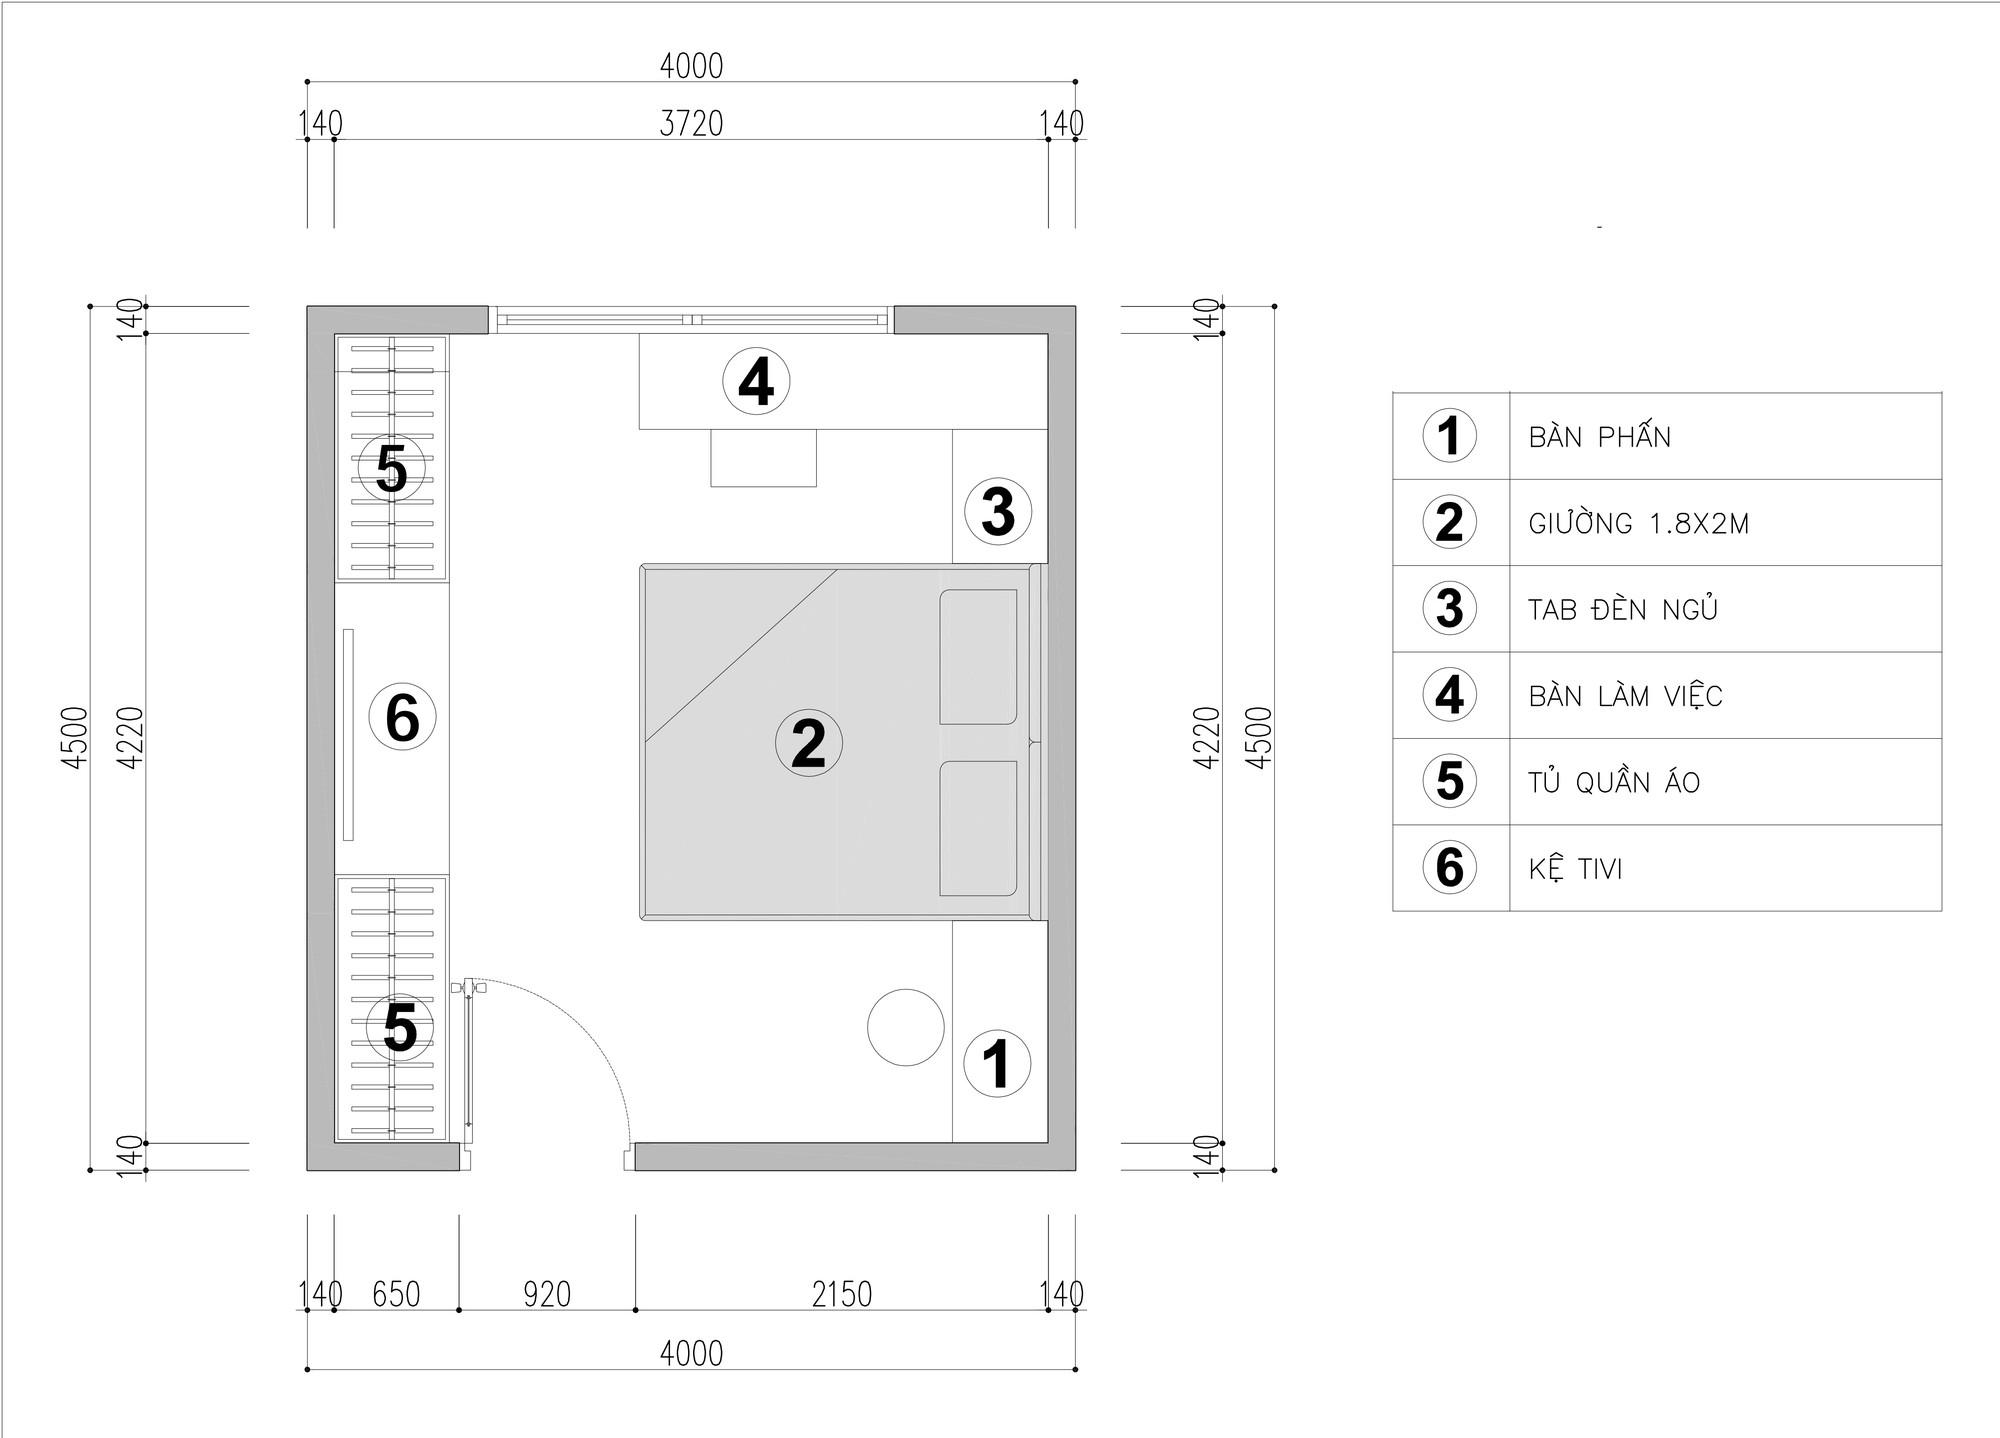 Tư vấn thiết kế phòng ngủ dành cho người chuẩn bị kết hôn rộng 4x4.5m - Ảnh 2.